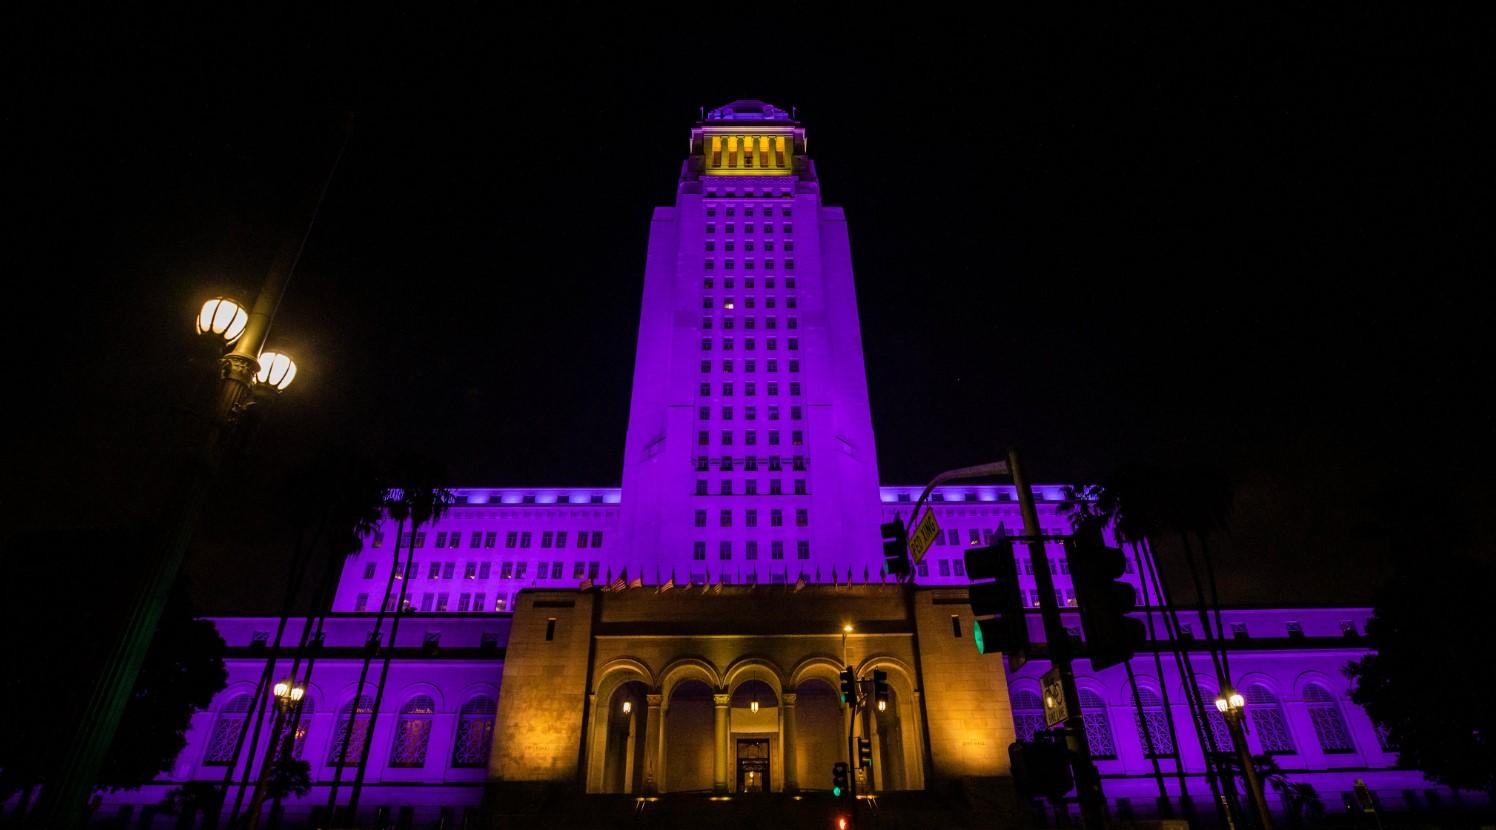 洛杉矶市政厅从当地时间8时24分首点亮紫金灯火缅怀科比